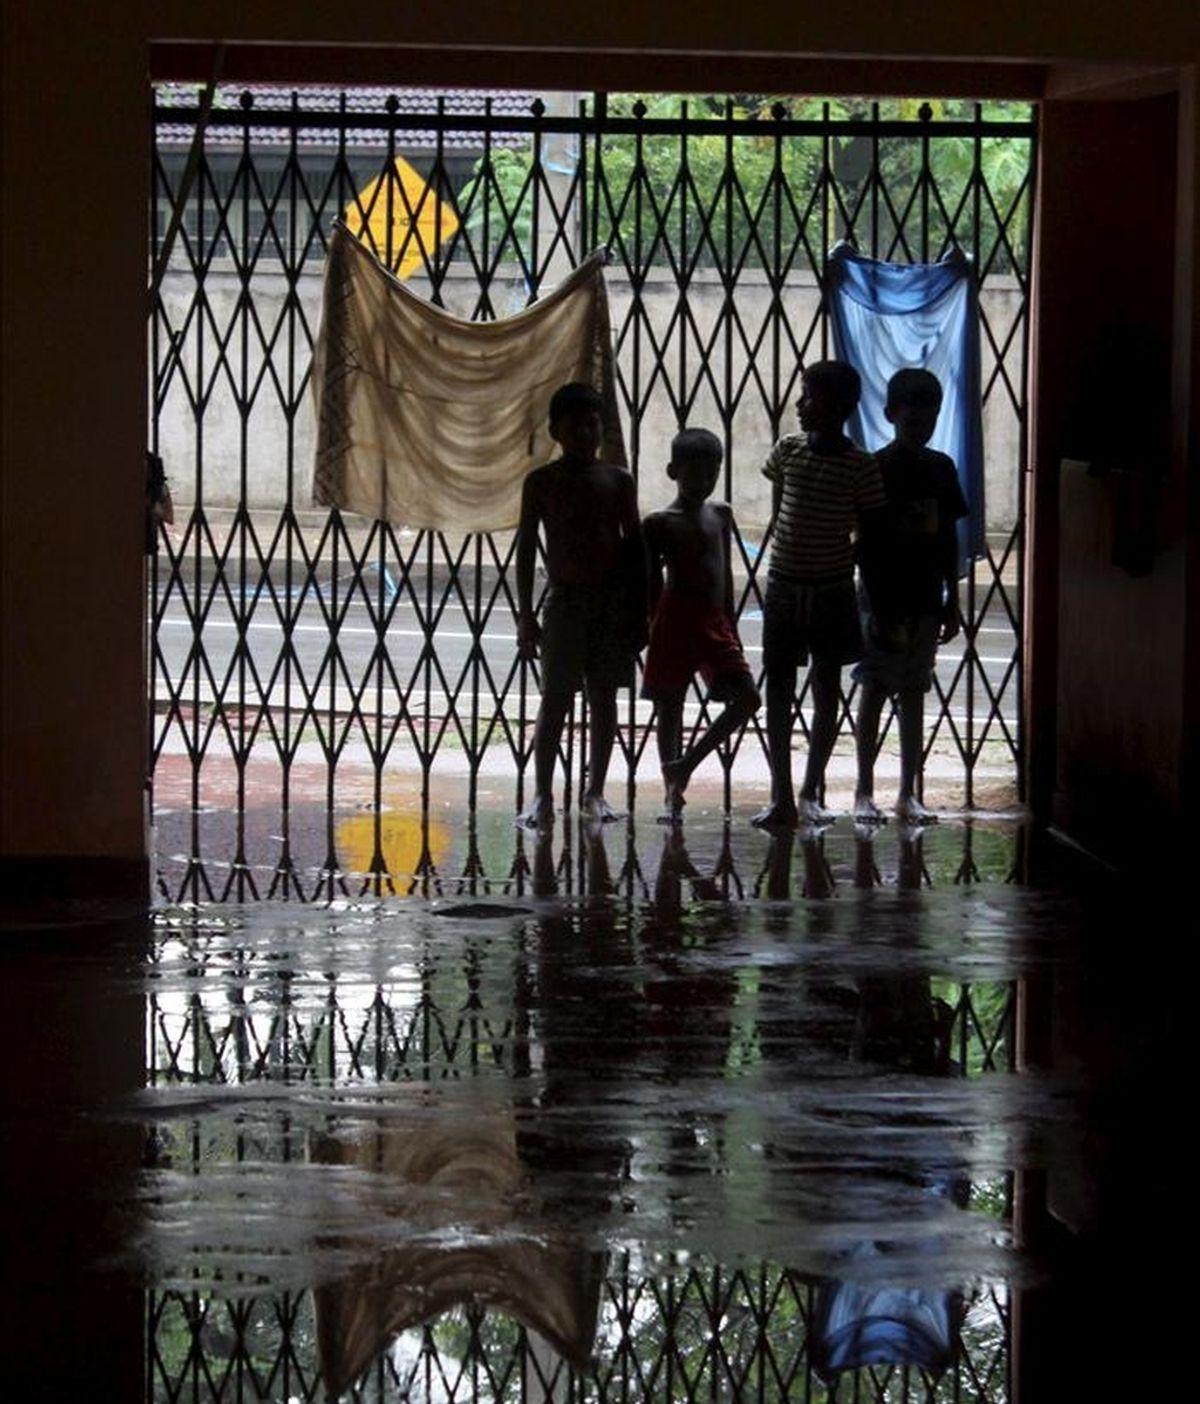 Unos niños desplazados por las inundaciones que se registraron en mayo de 2010, juegan en un templo de Gampaha, a 40 kilómetros de Colombo en Sri Lanka. EFE/Archivo